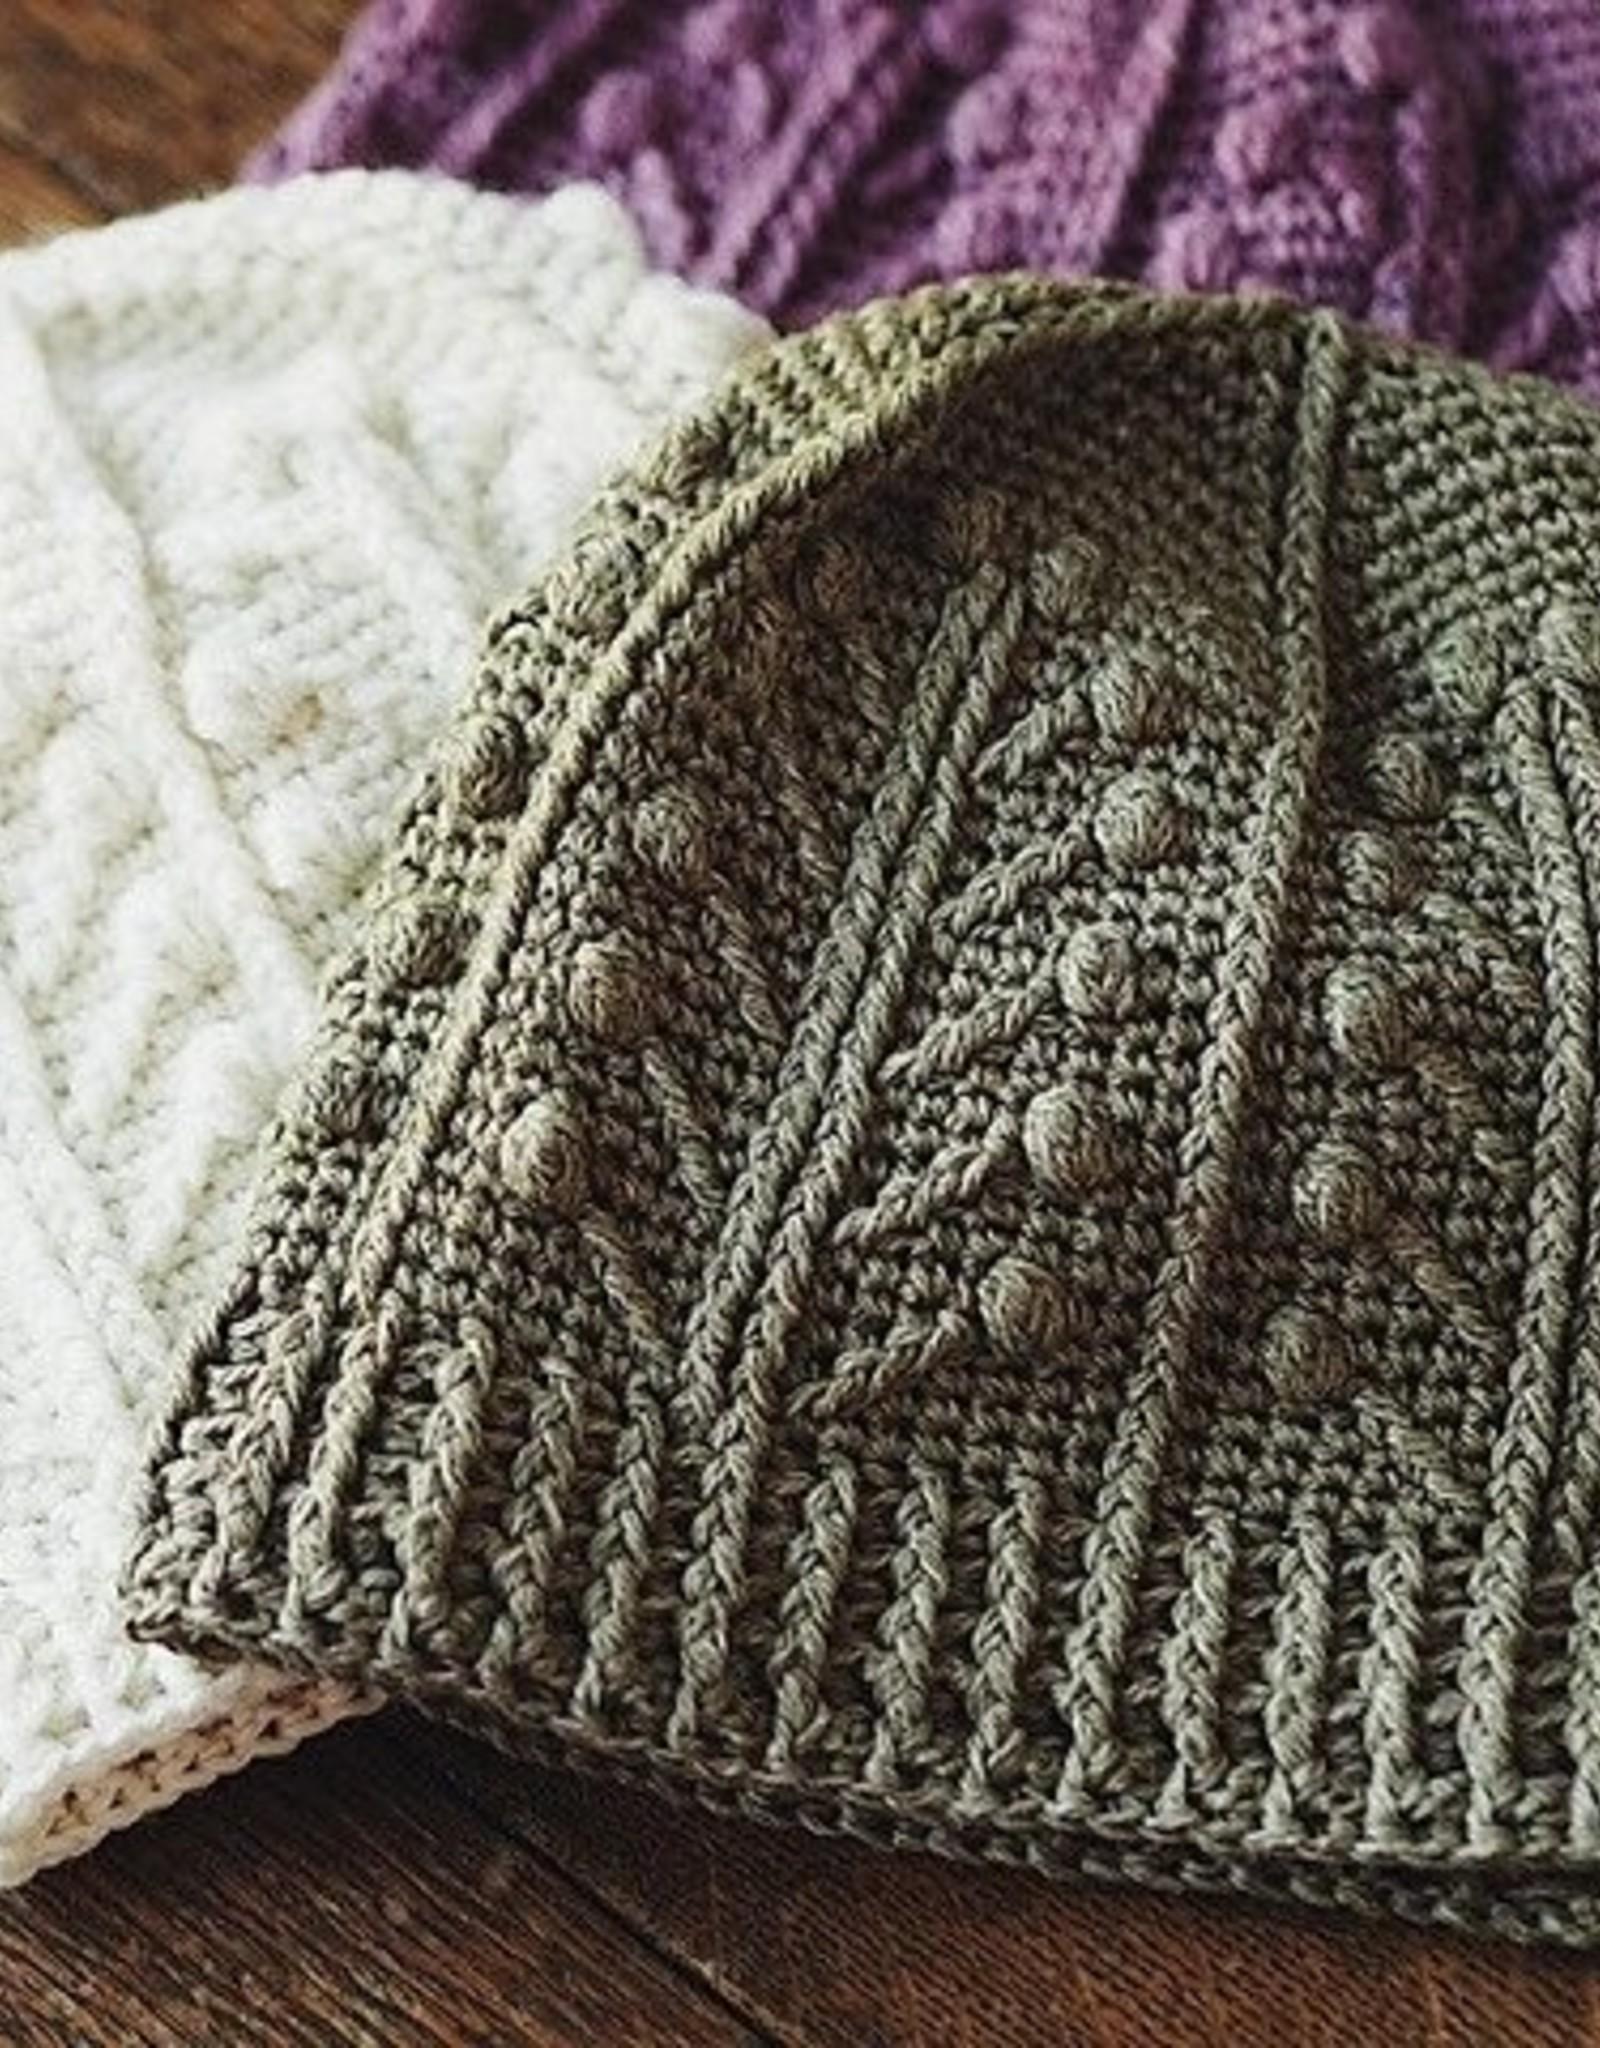 fibre space Intermediate Crochet Beanie Hat: TU Apr 20 & 27, 7-9 pm